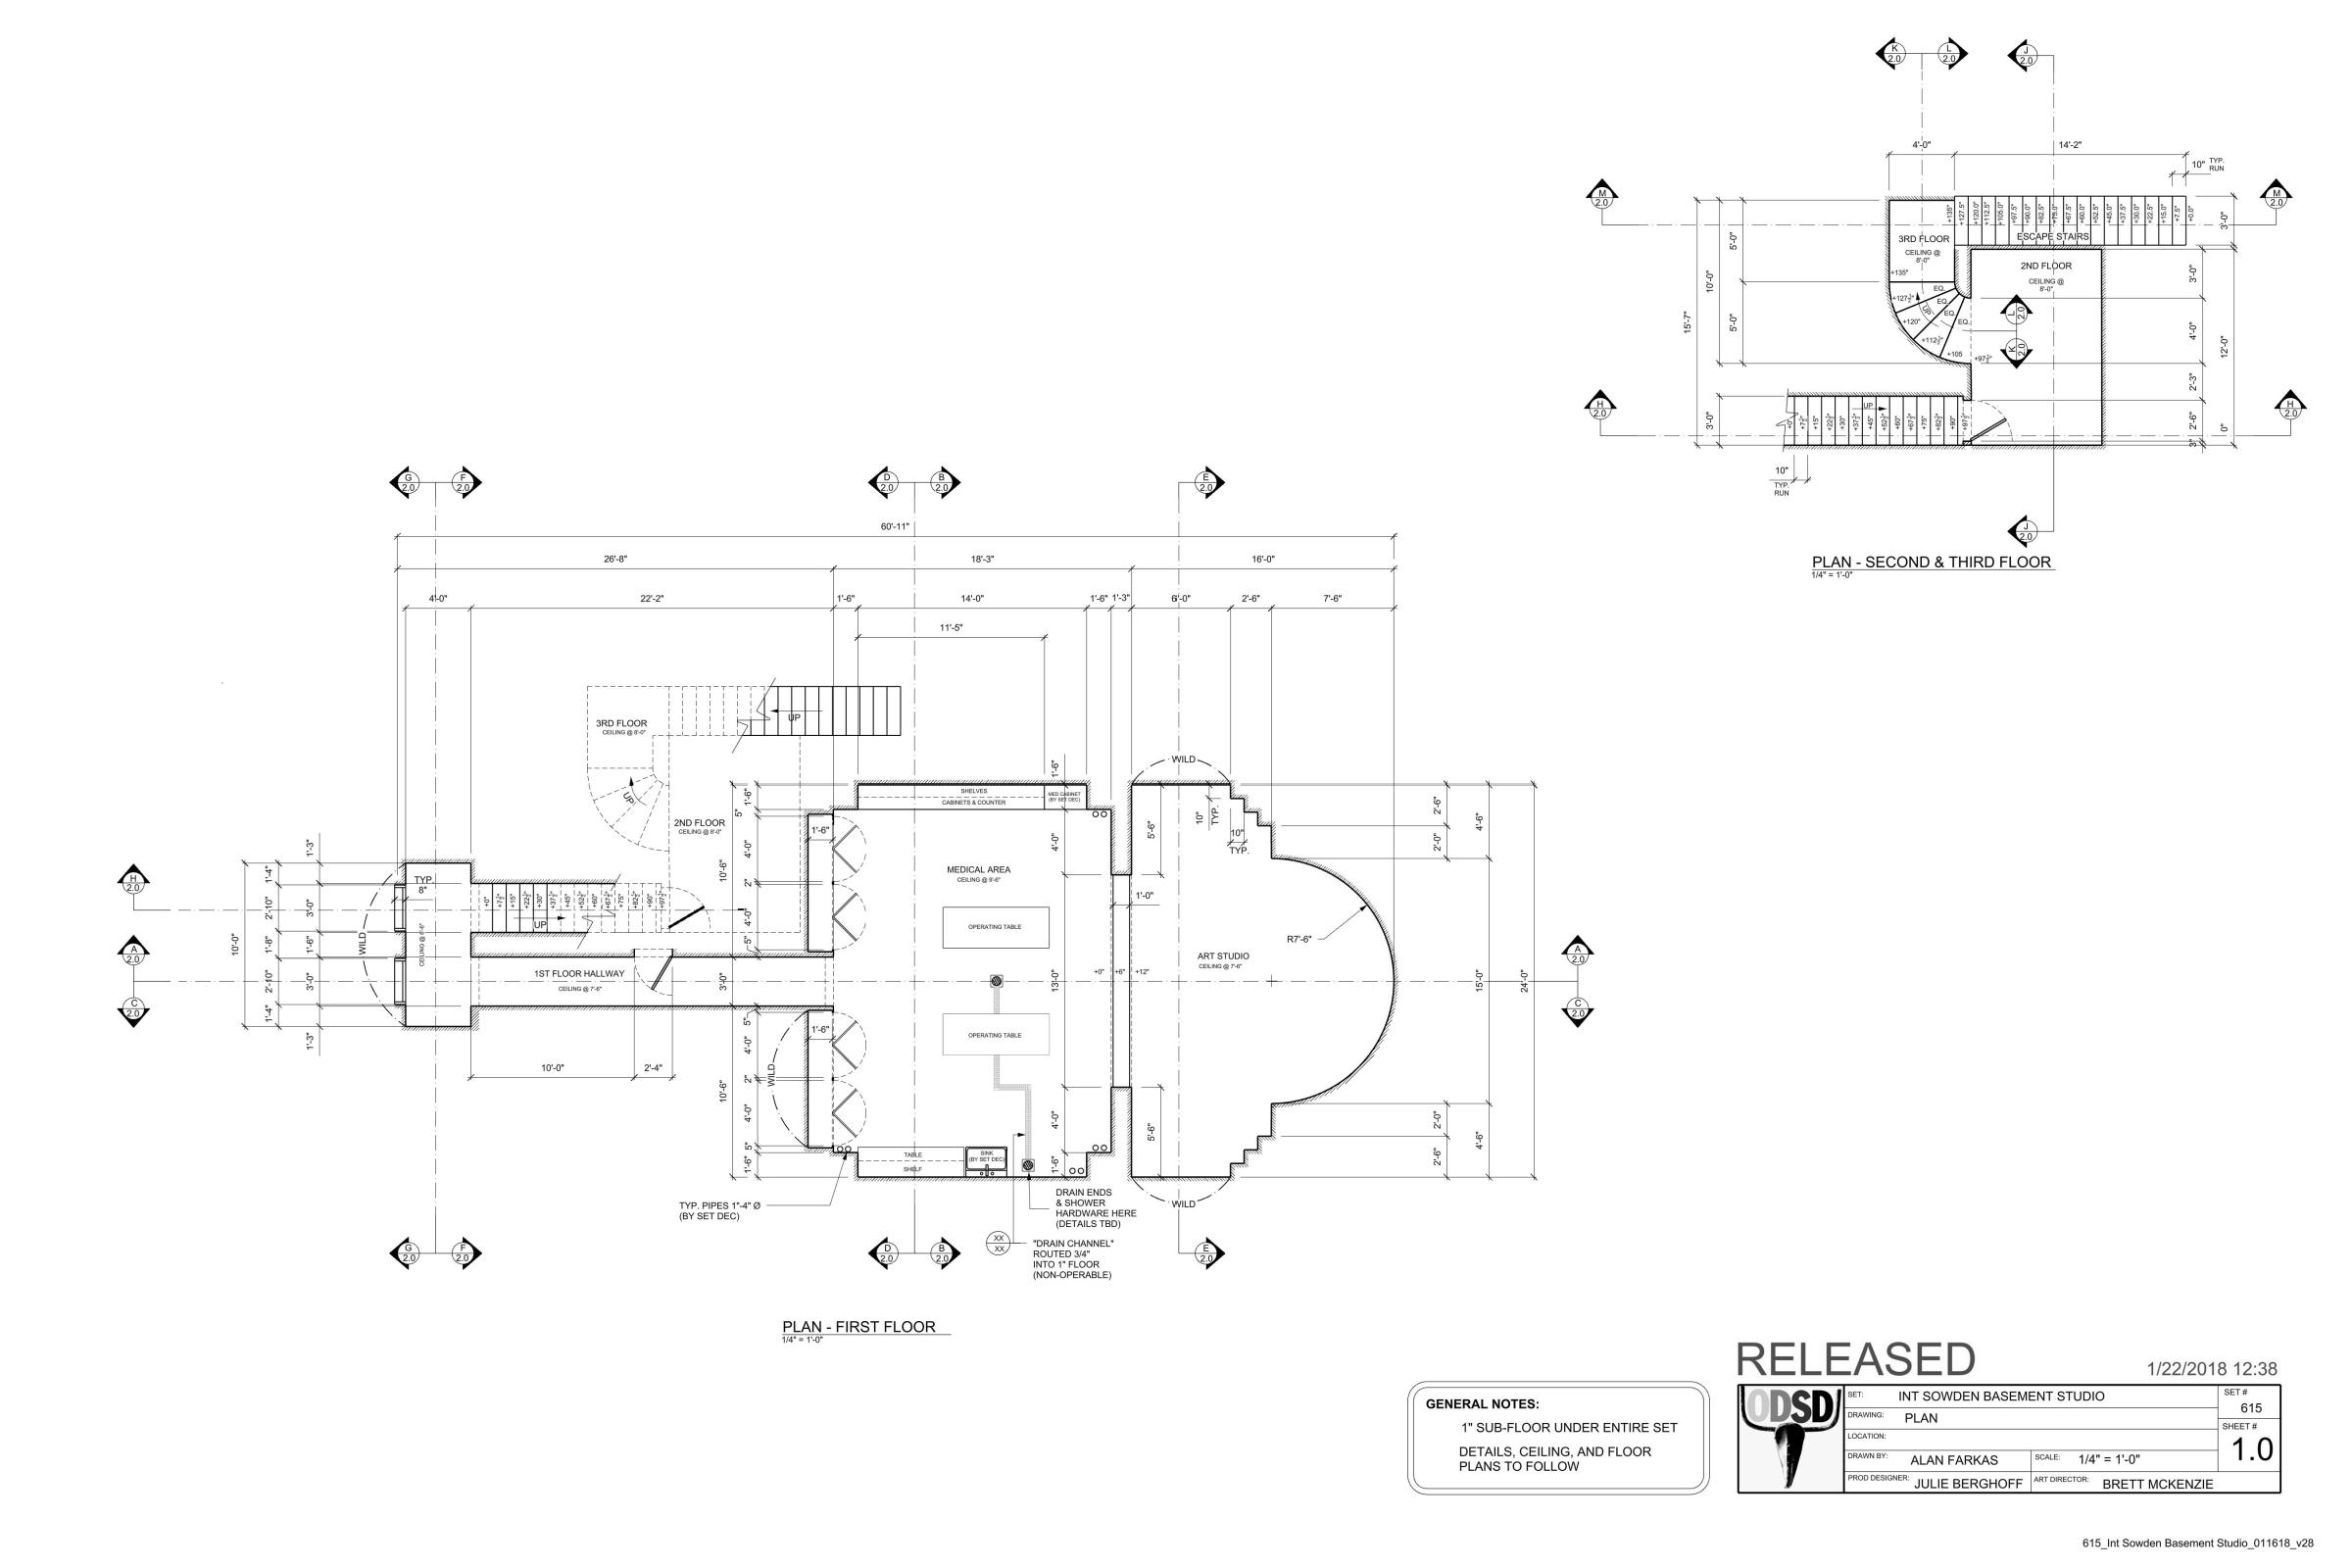 615_Int Sowden Basement Studio_Sht1.0_Plan_012218_REL.jpg